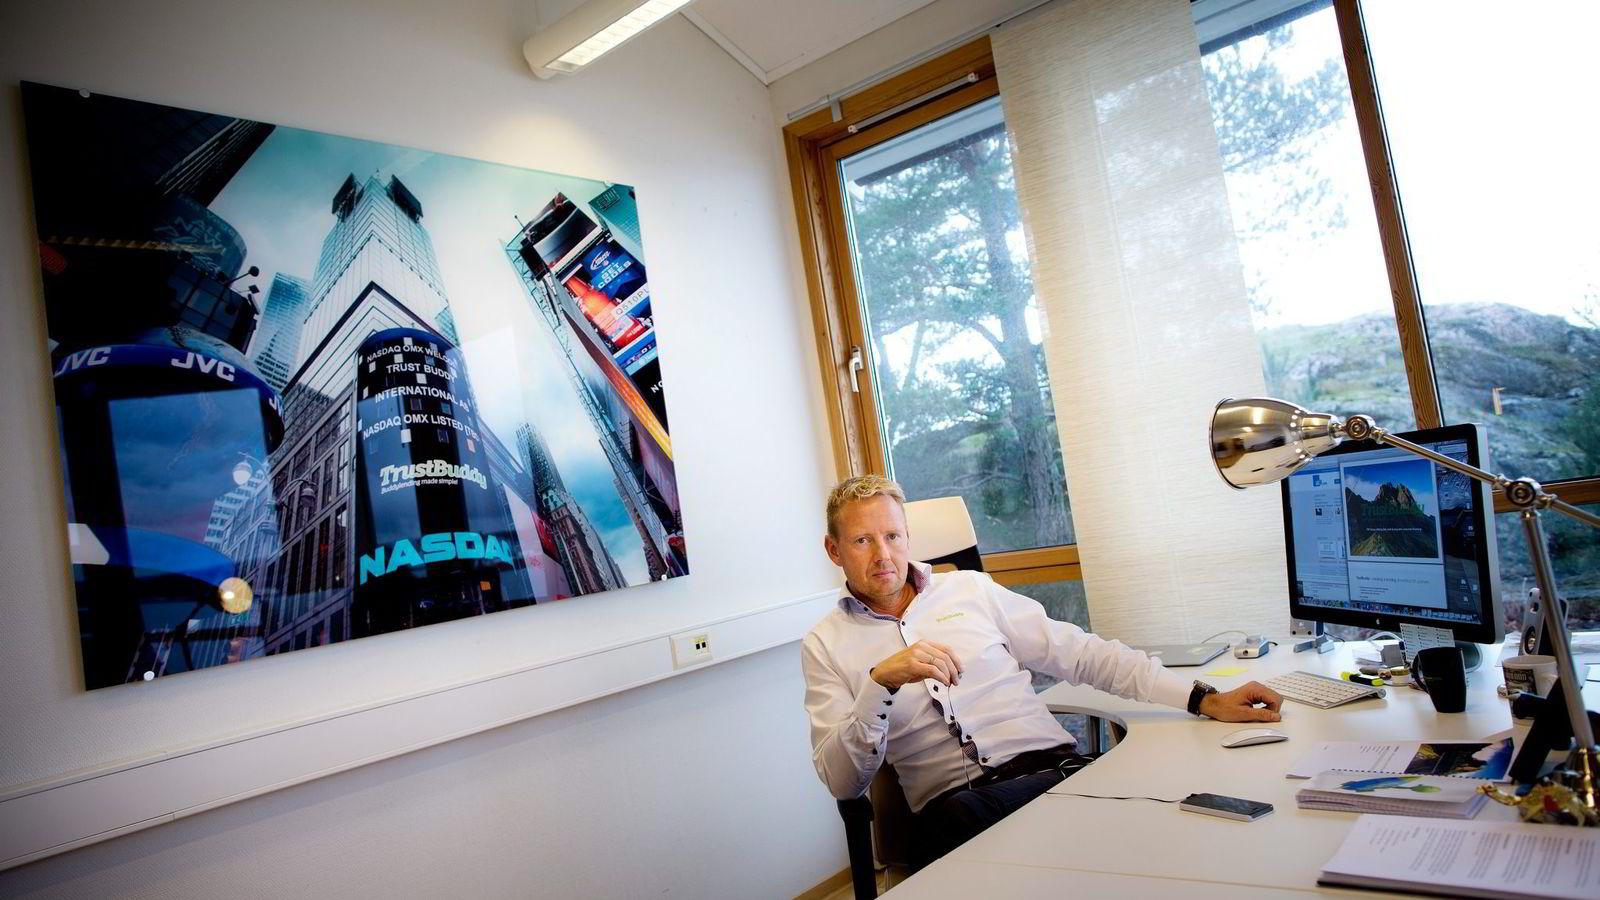 – TrustBuddy var min baby, sier Jens Glasø, som nå går til sak mot styrelederen etter at selskapet gikk konkurs. Foto: Tomm W. Christiansen